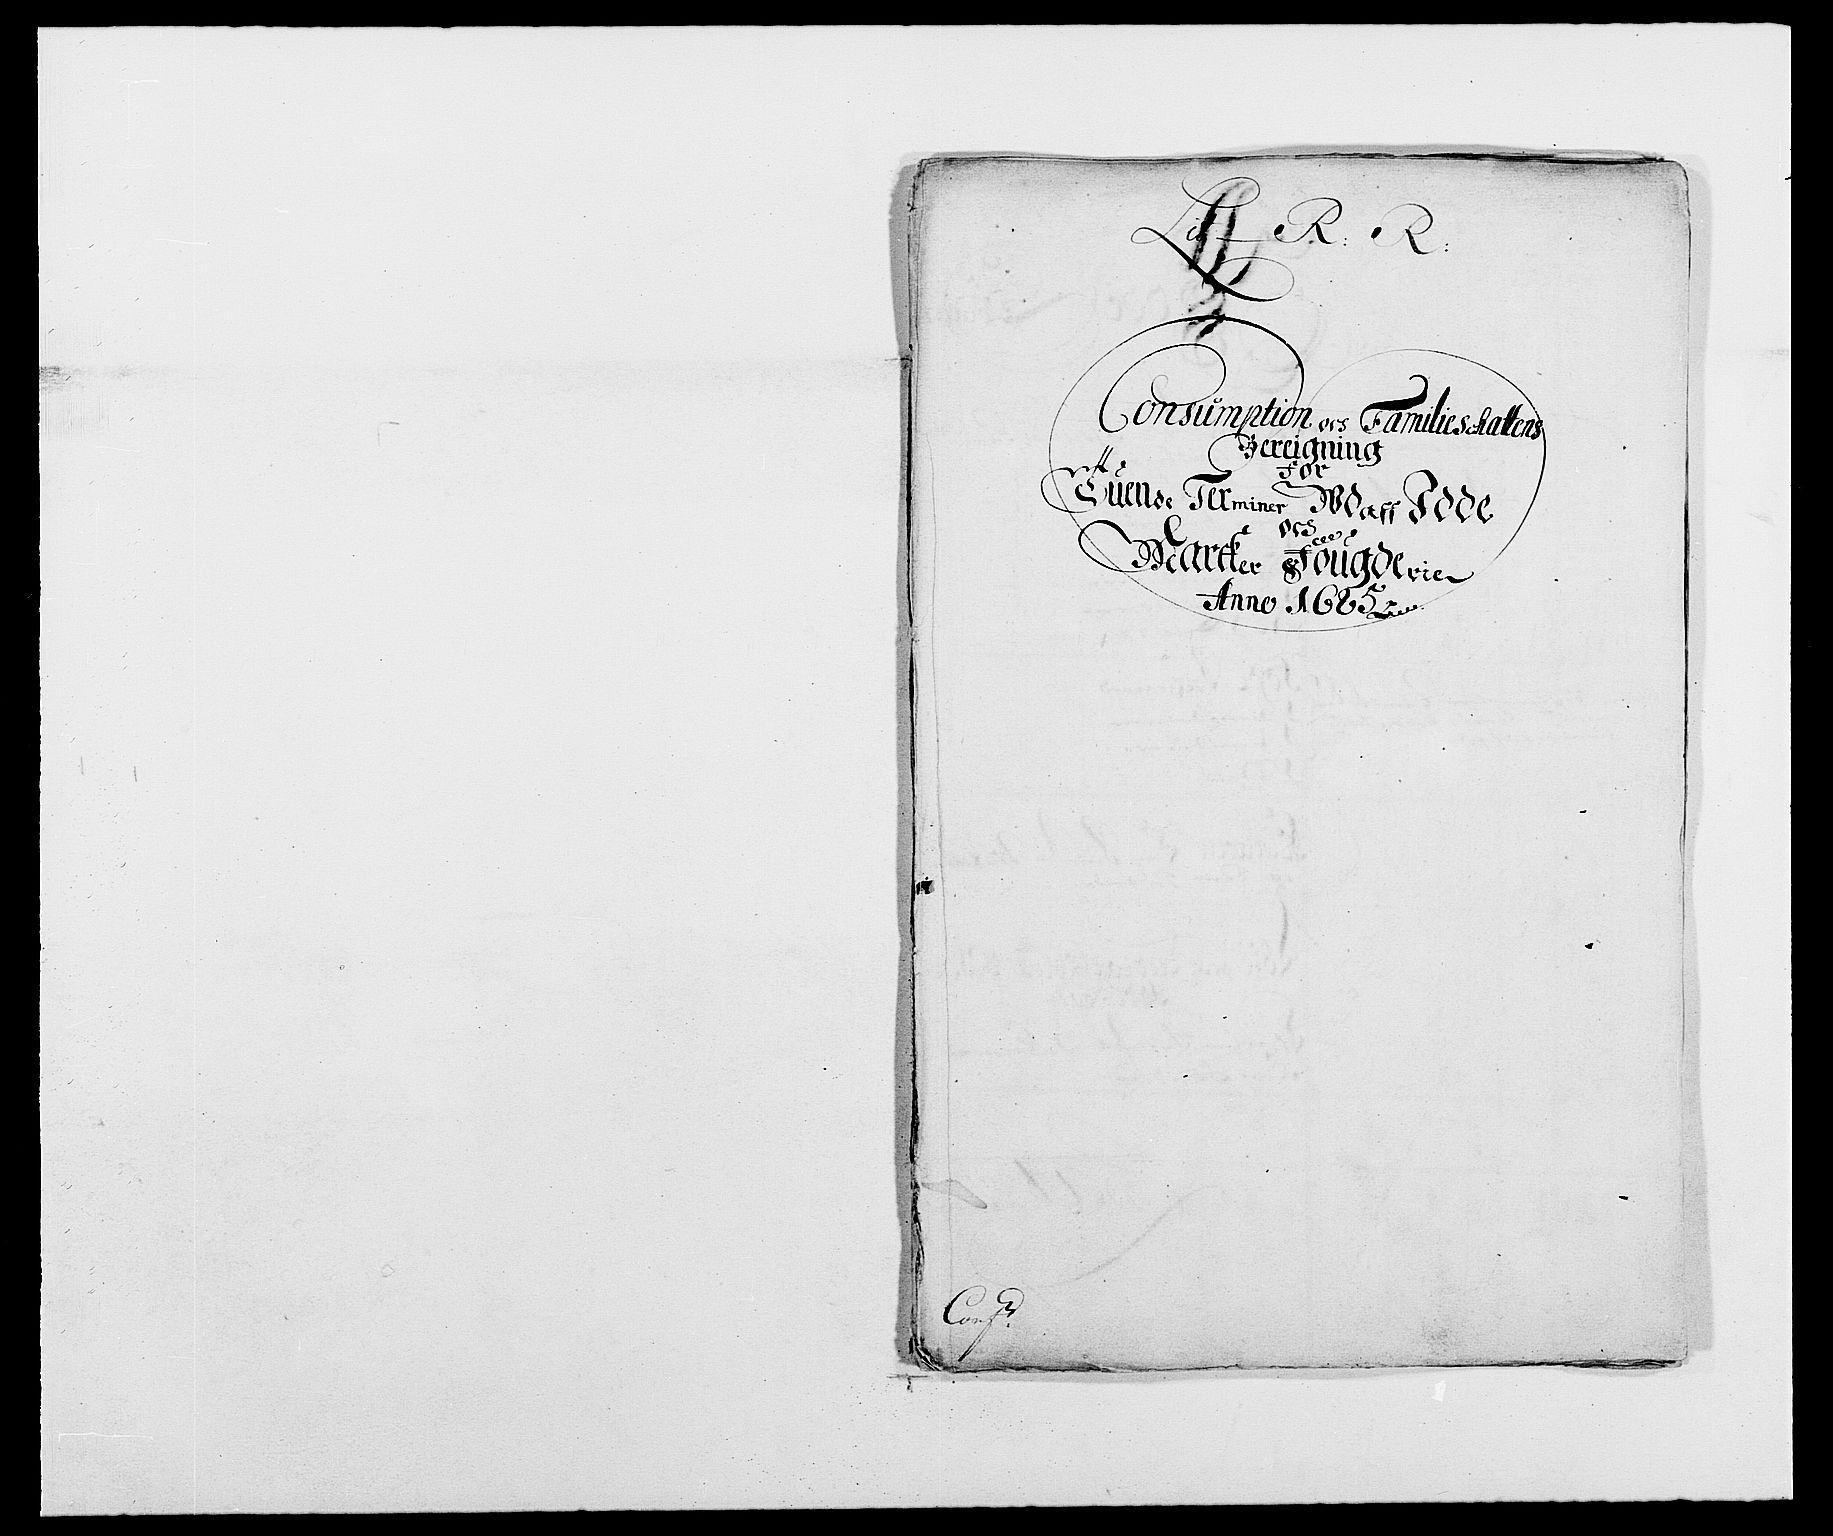 RA, Rentekammeret inntil 1814, Reviderte regnskaper, Fogderegnskap, R01/L0006: Fogderegnskap Idd og Marker, 1685-1686, s. 176